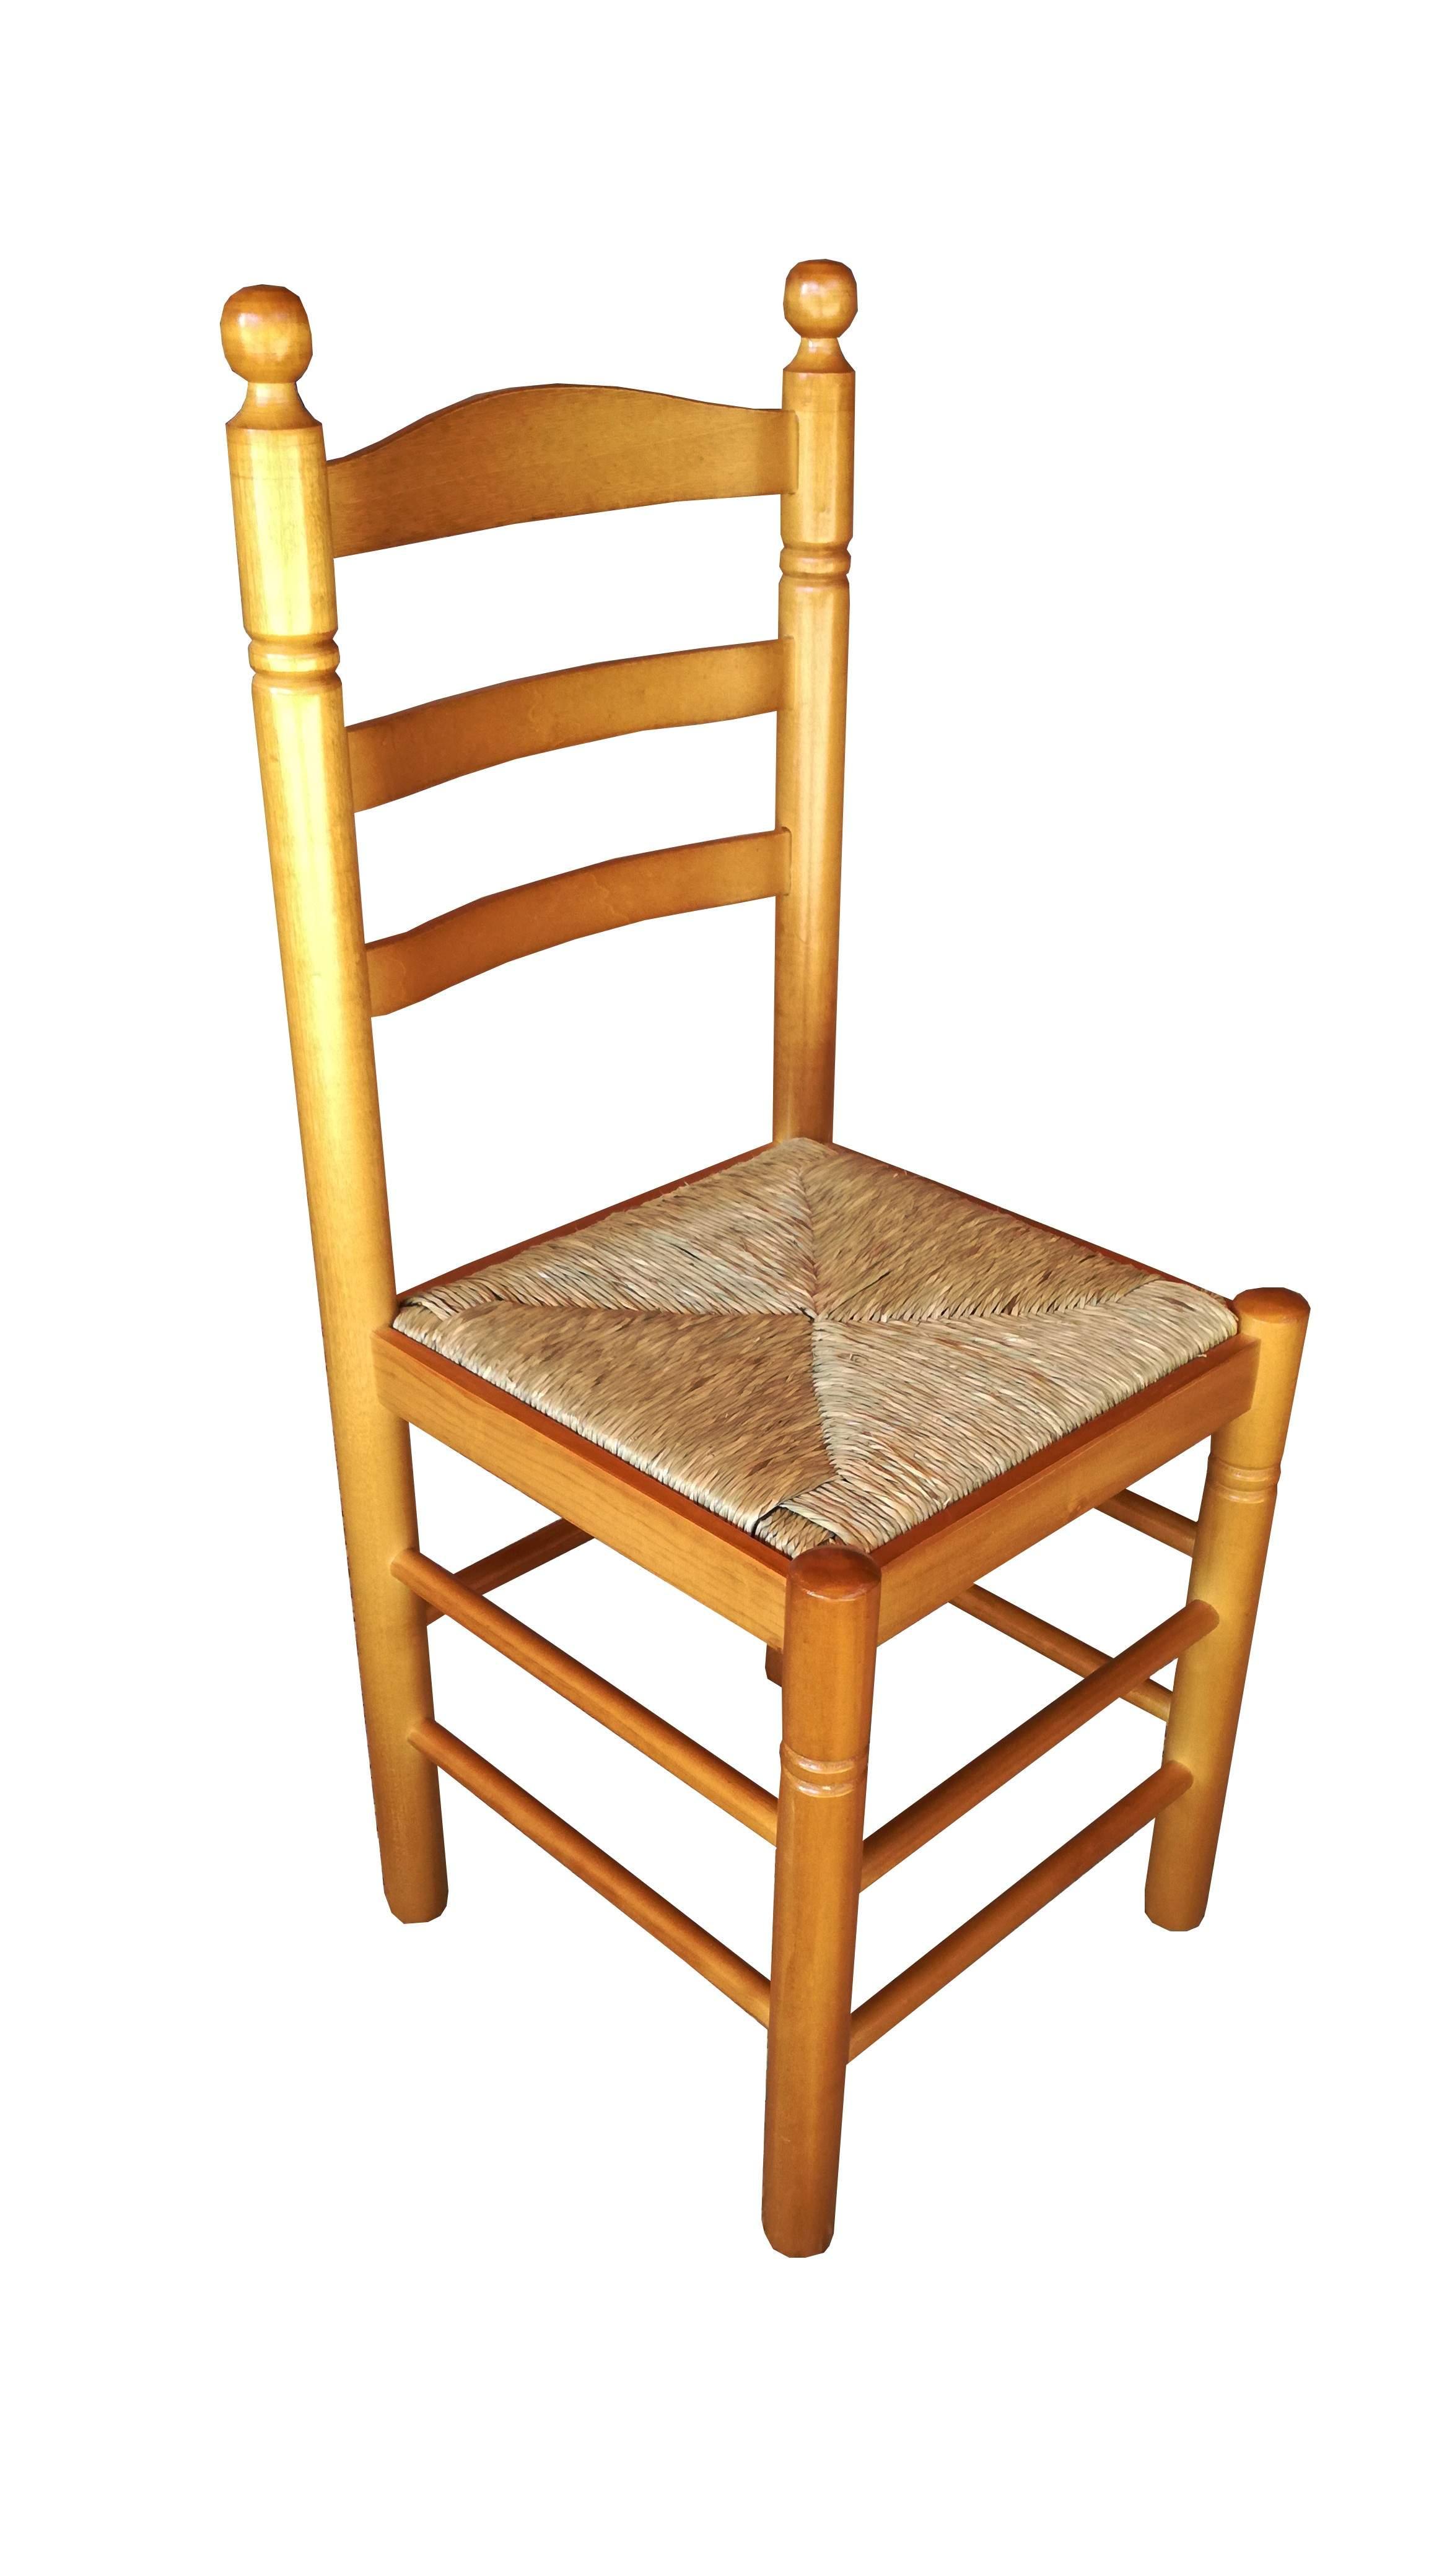 Sillas de enea precios gallery of silla toscana natural for Sillas de madera precios